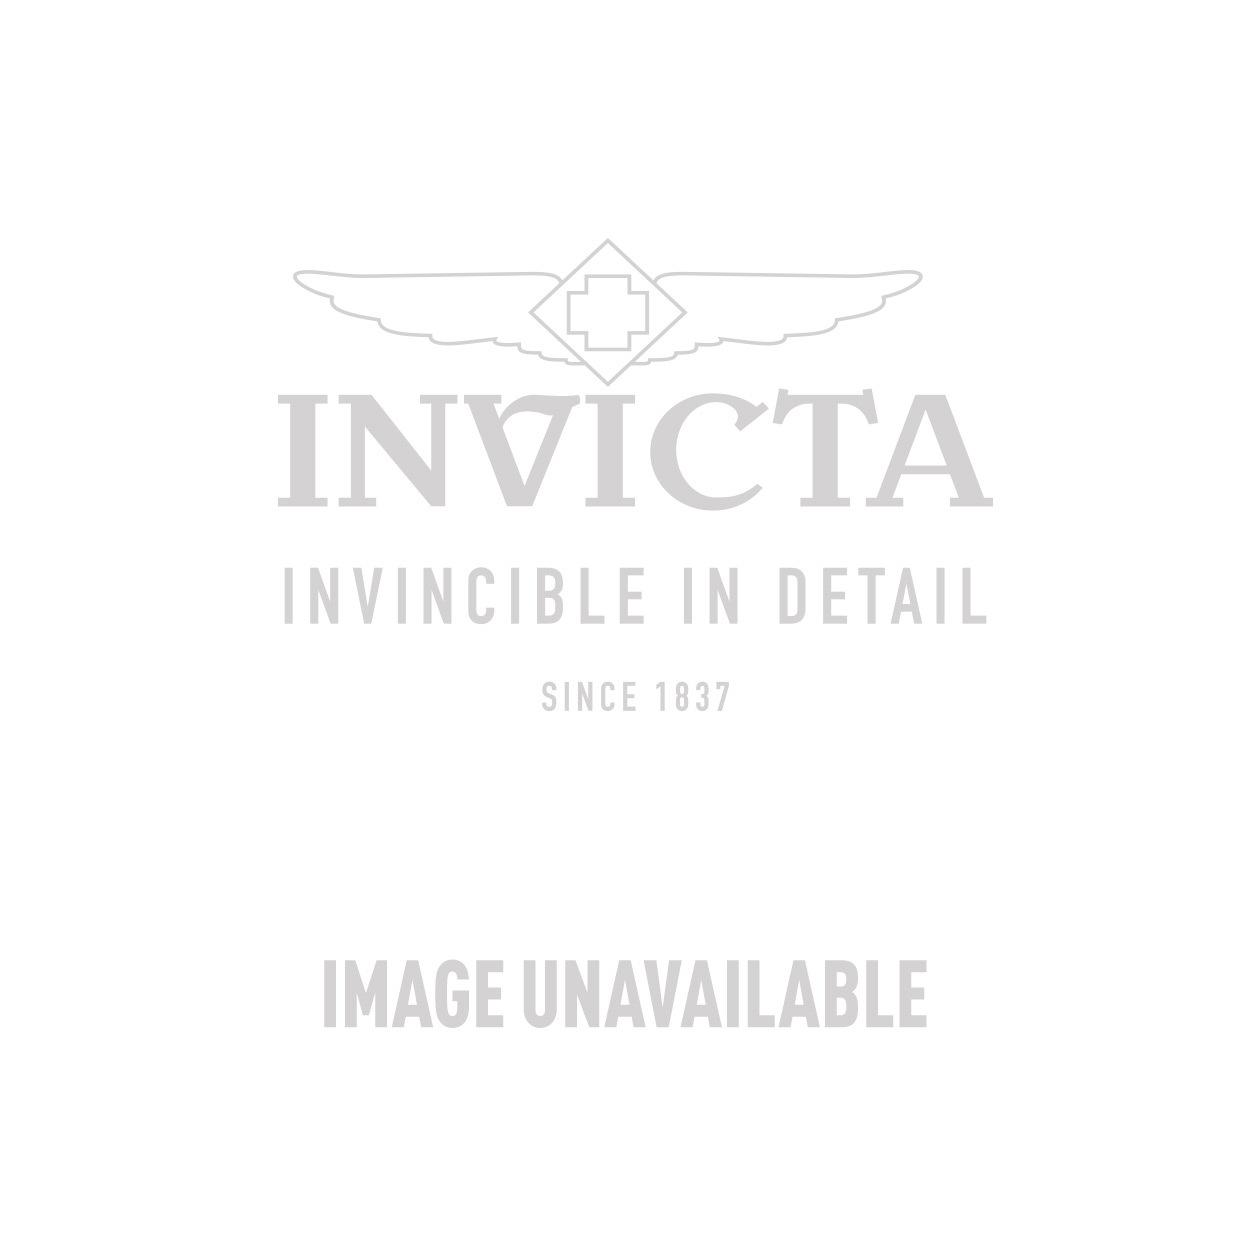 Invicta Model 24496